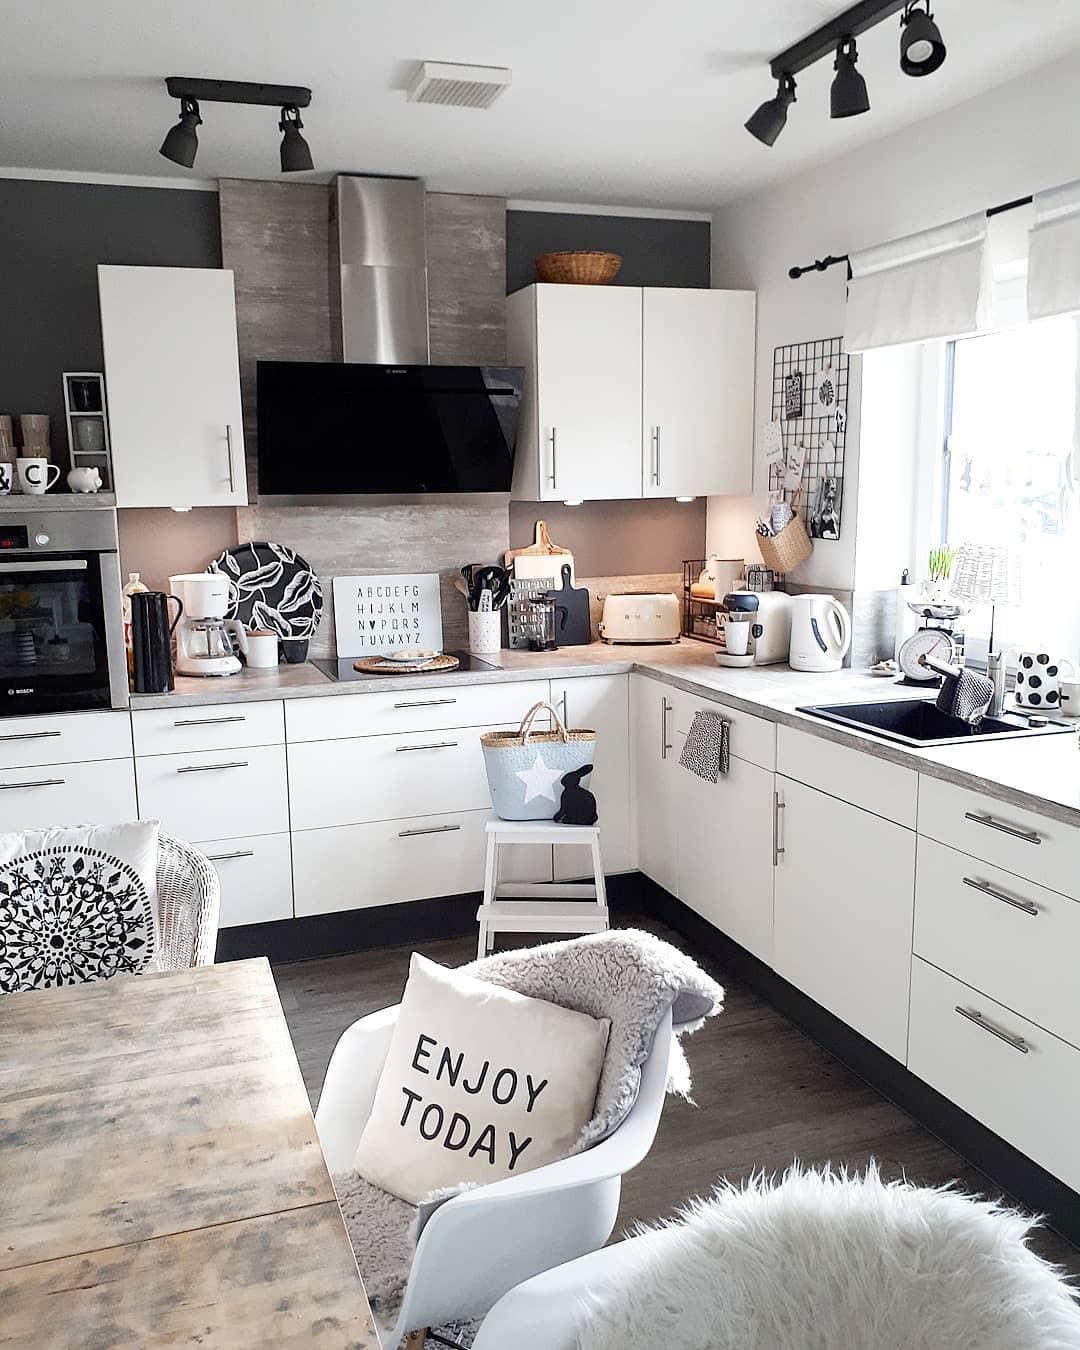 Esstisch ideen einrichten schaffell carry  house goals apartments and future